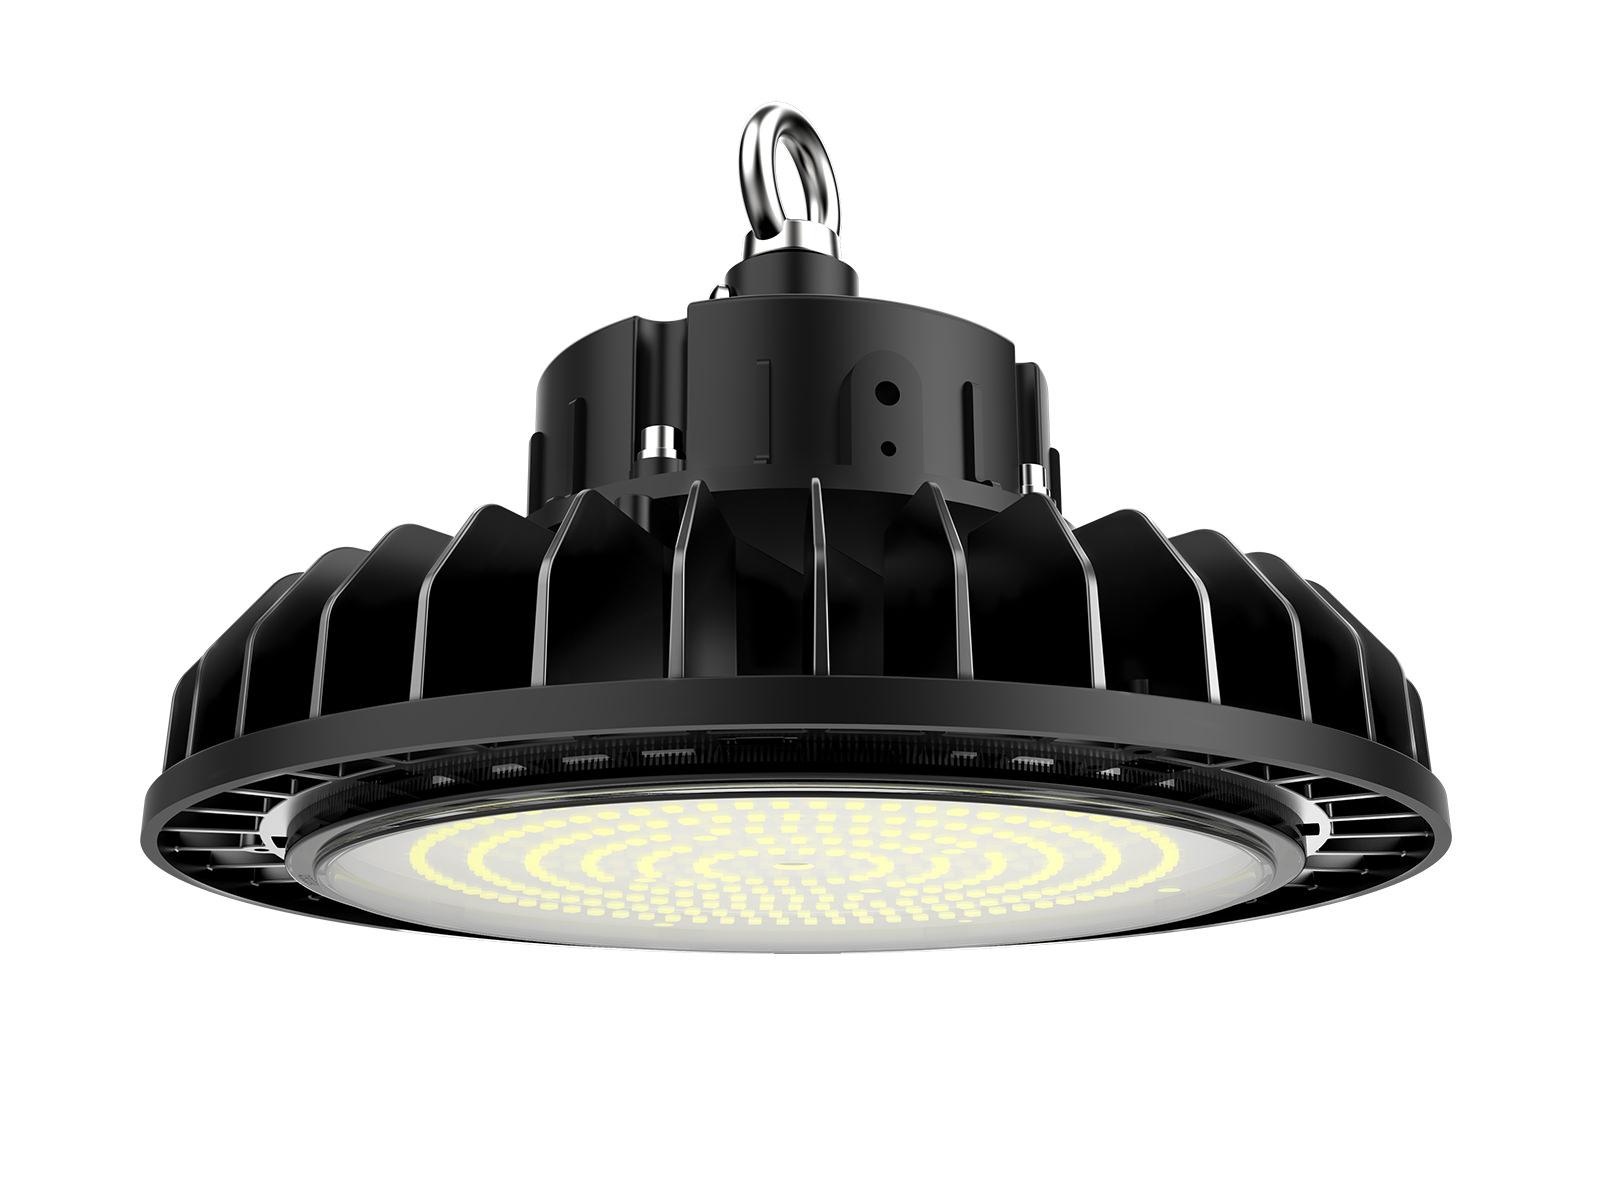 Led High Bay Lights Agc Lighting